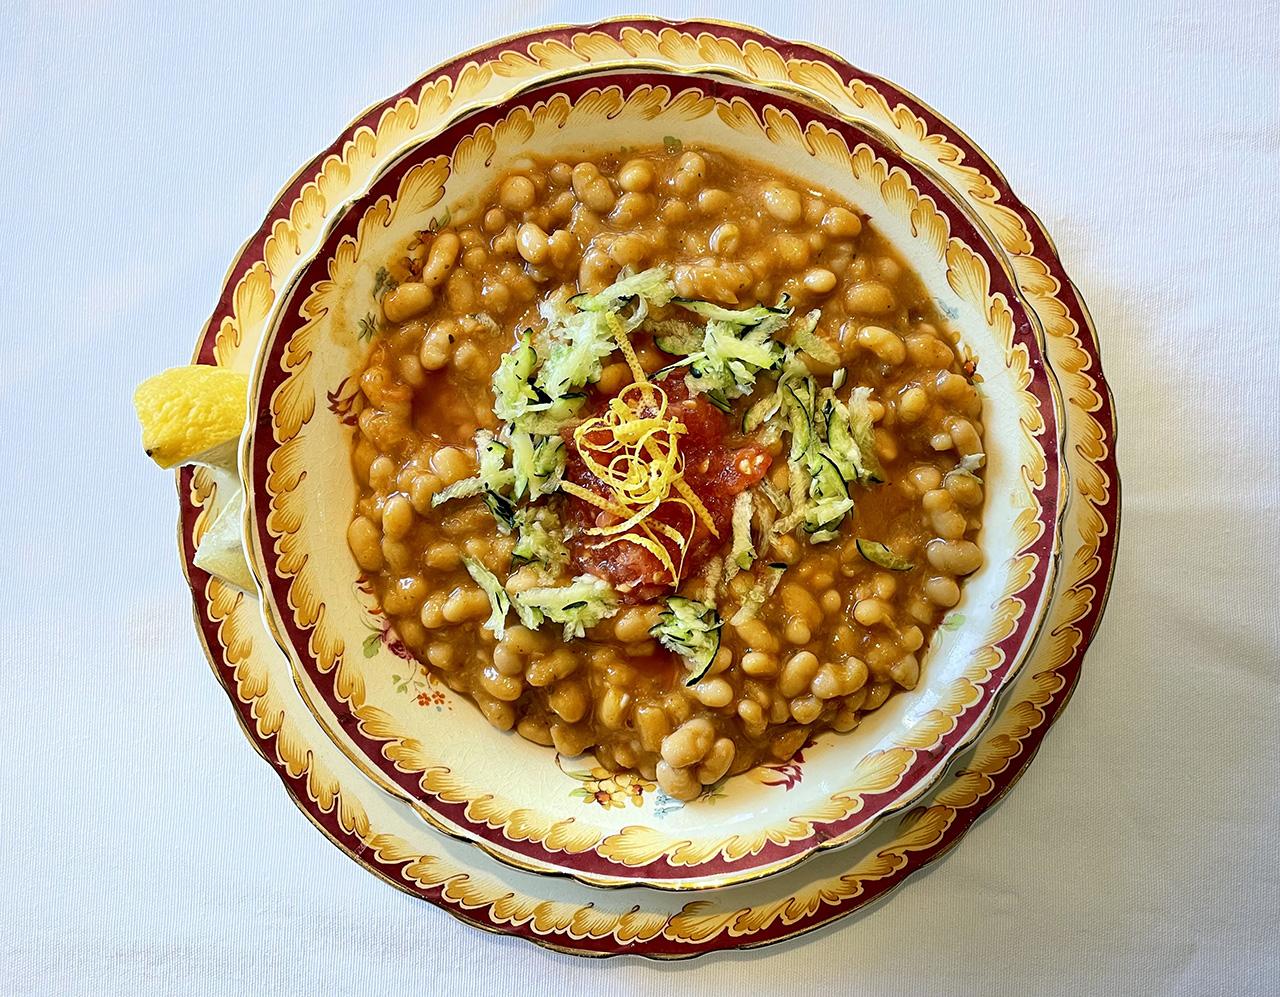 Loubia — Moroccan White Bean and Tomato Soup (Photo/Faith Kramer)